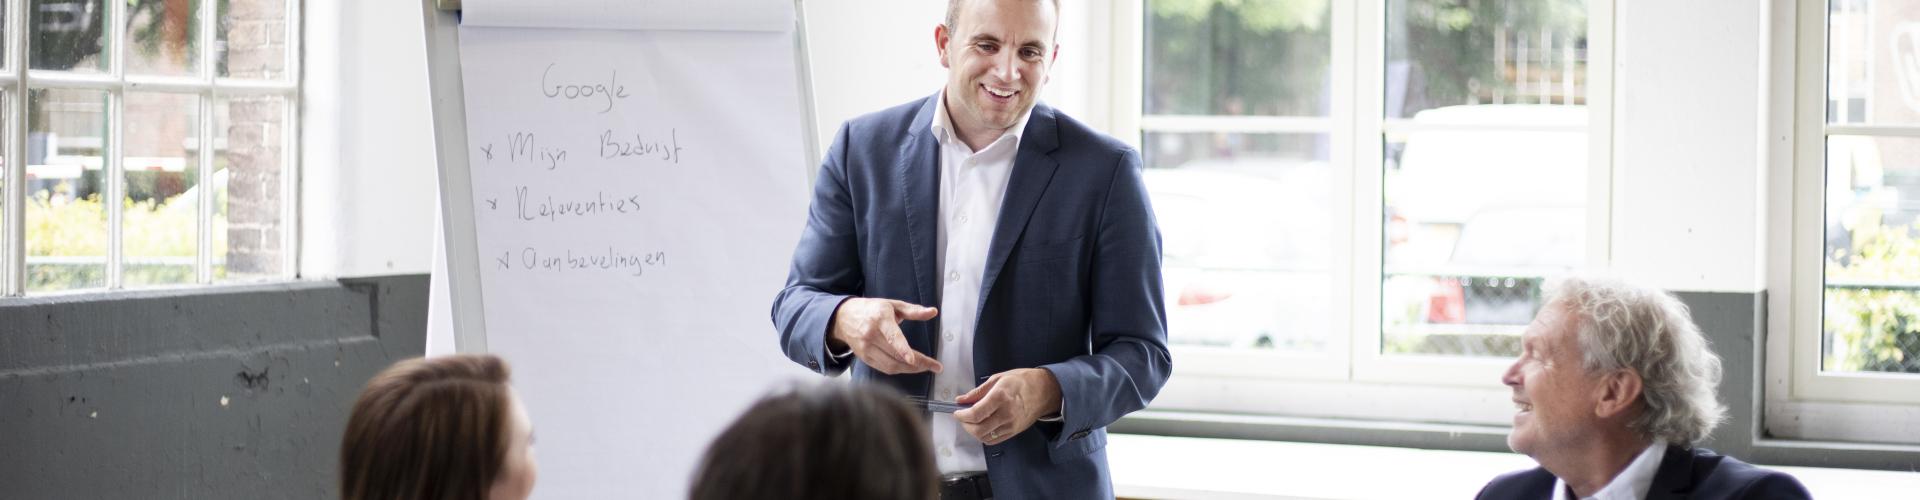 Verhoog je omzet door businesscoaching